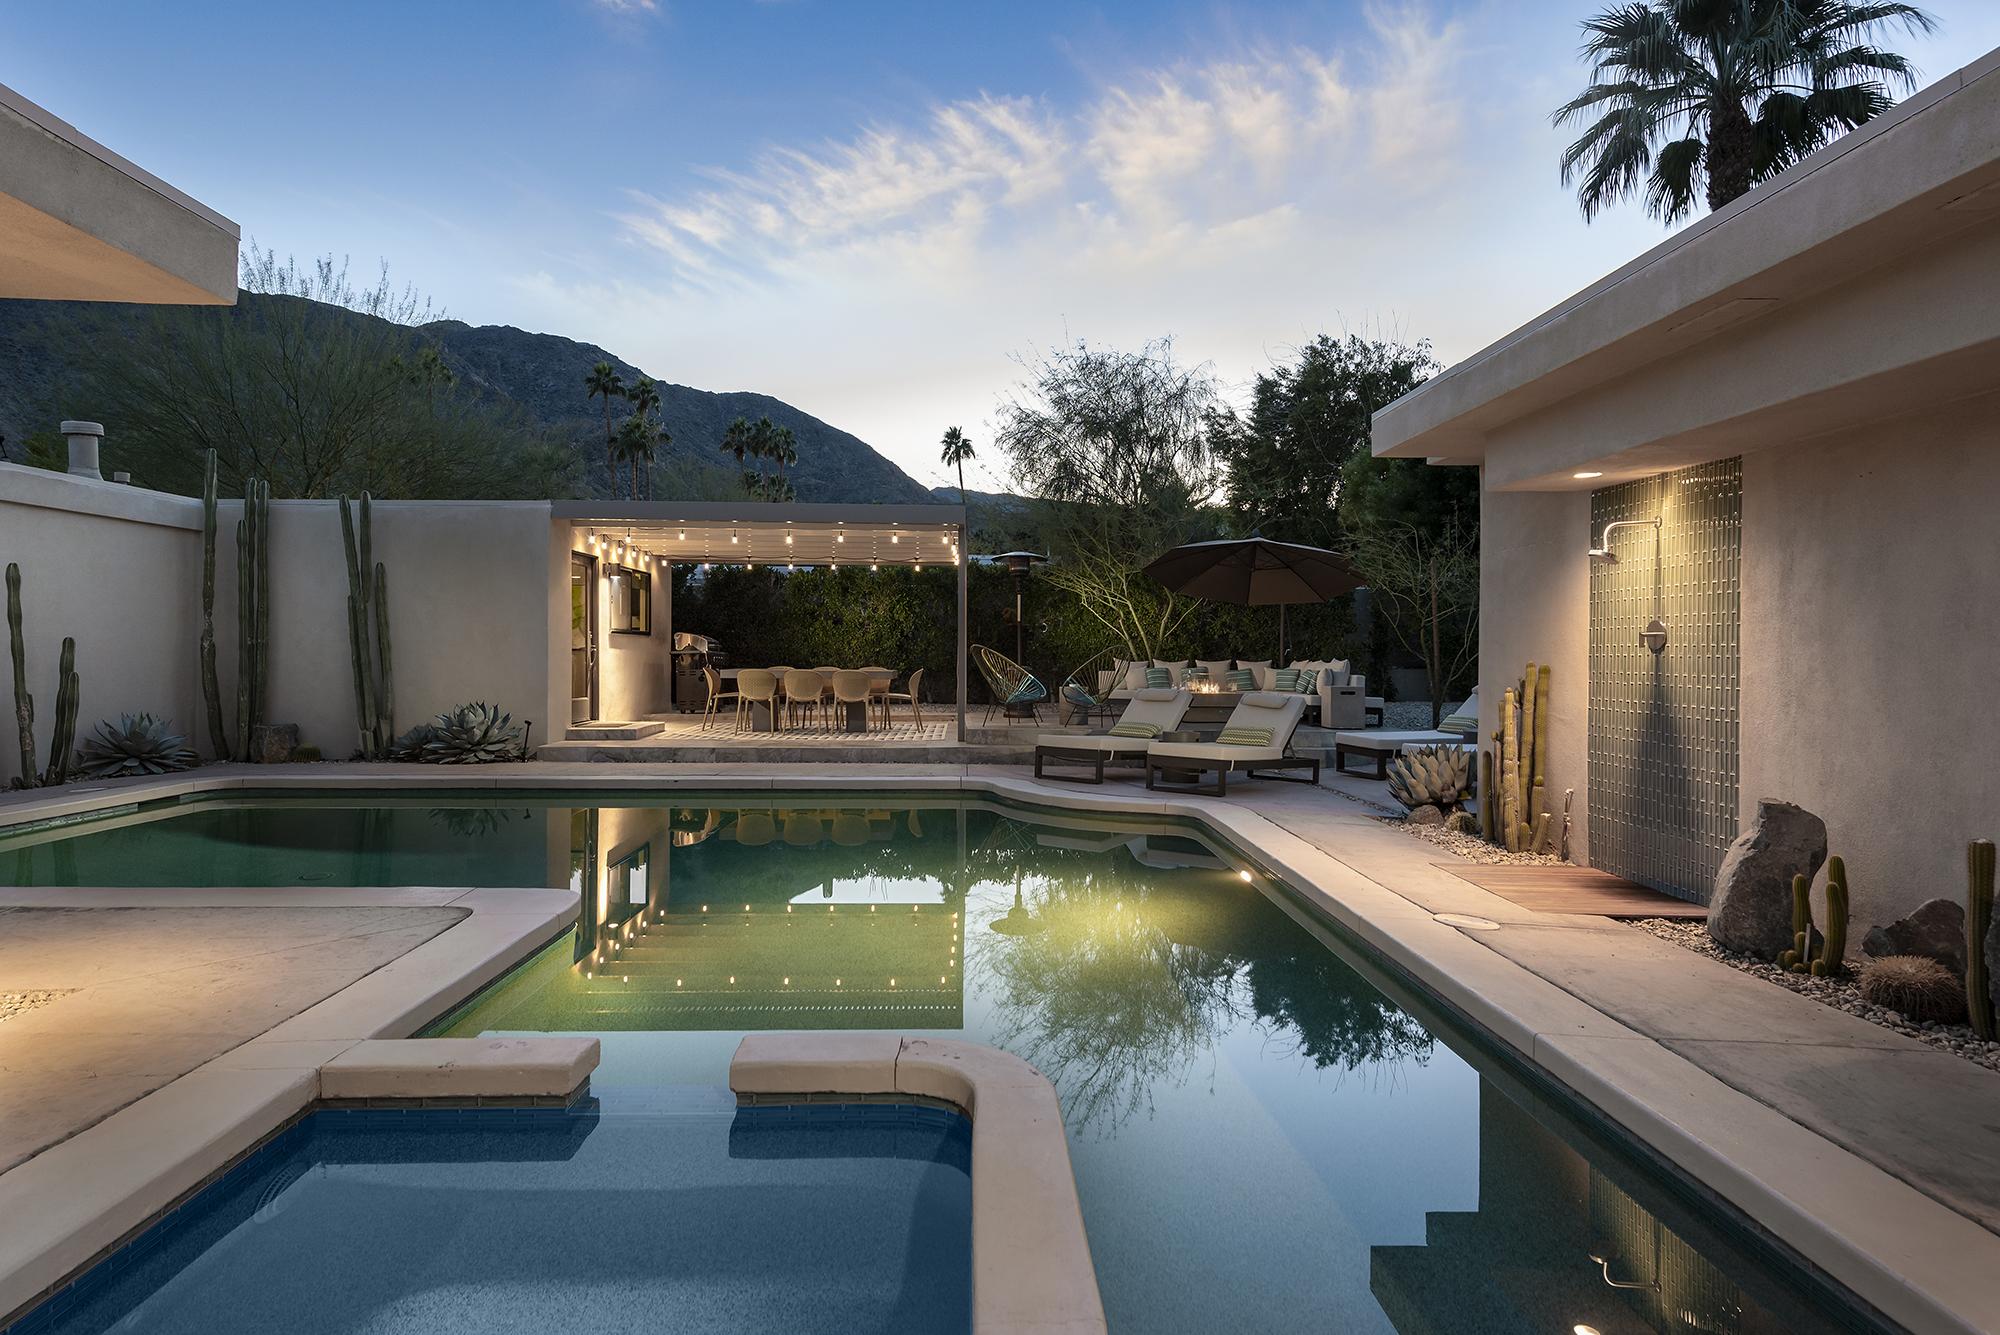 Resort Like Pool at Twilight